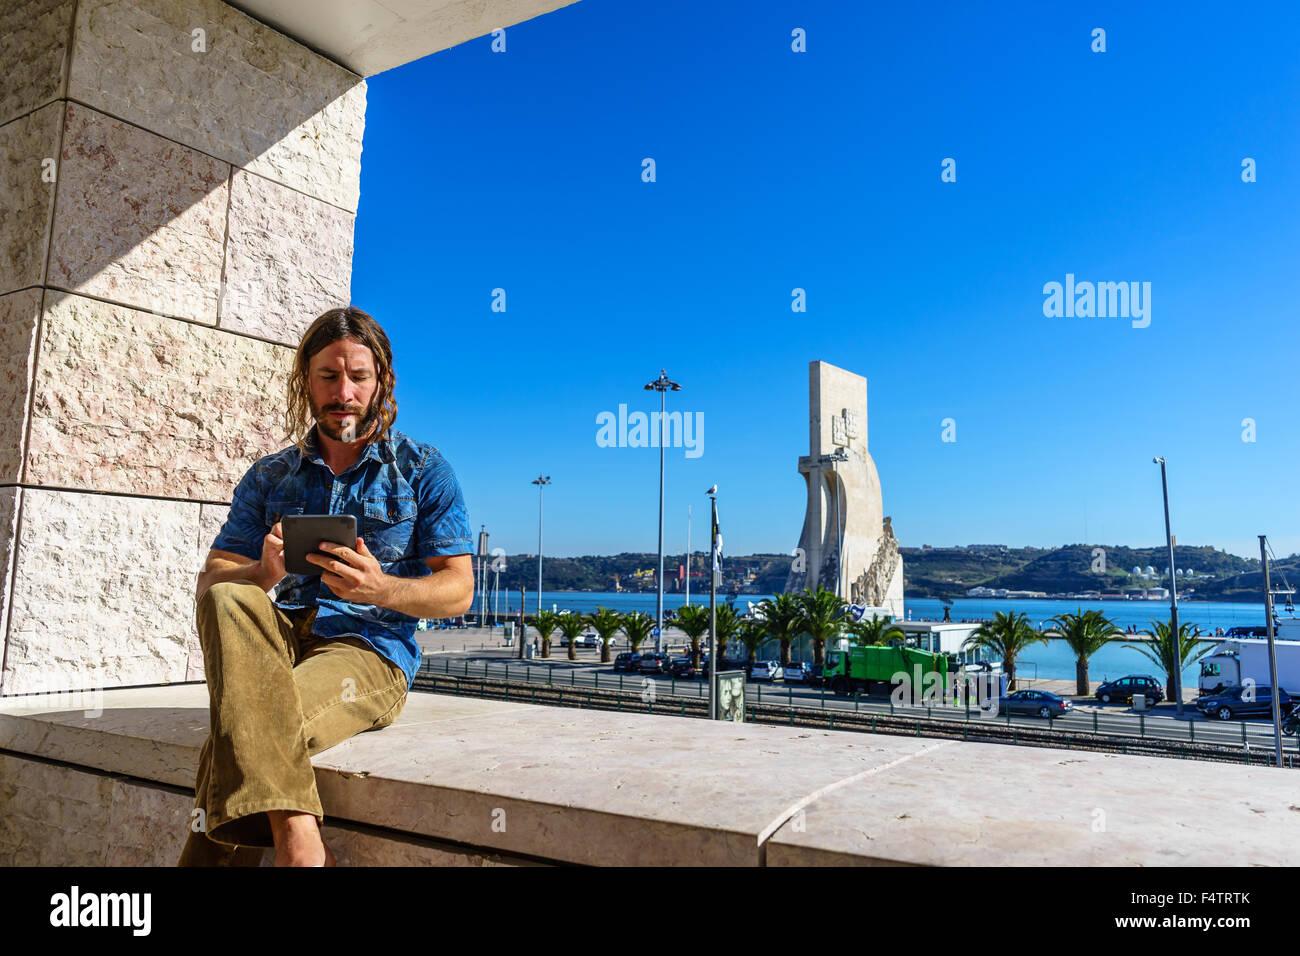 L'homme se lit d'une tablette électronique en face de l'icône portugaise, Monument des Découvertes Photo Stock